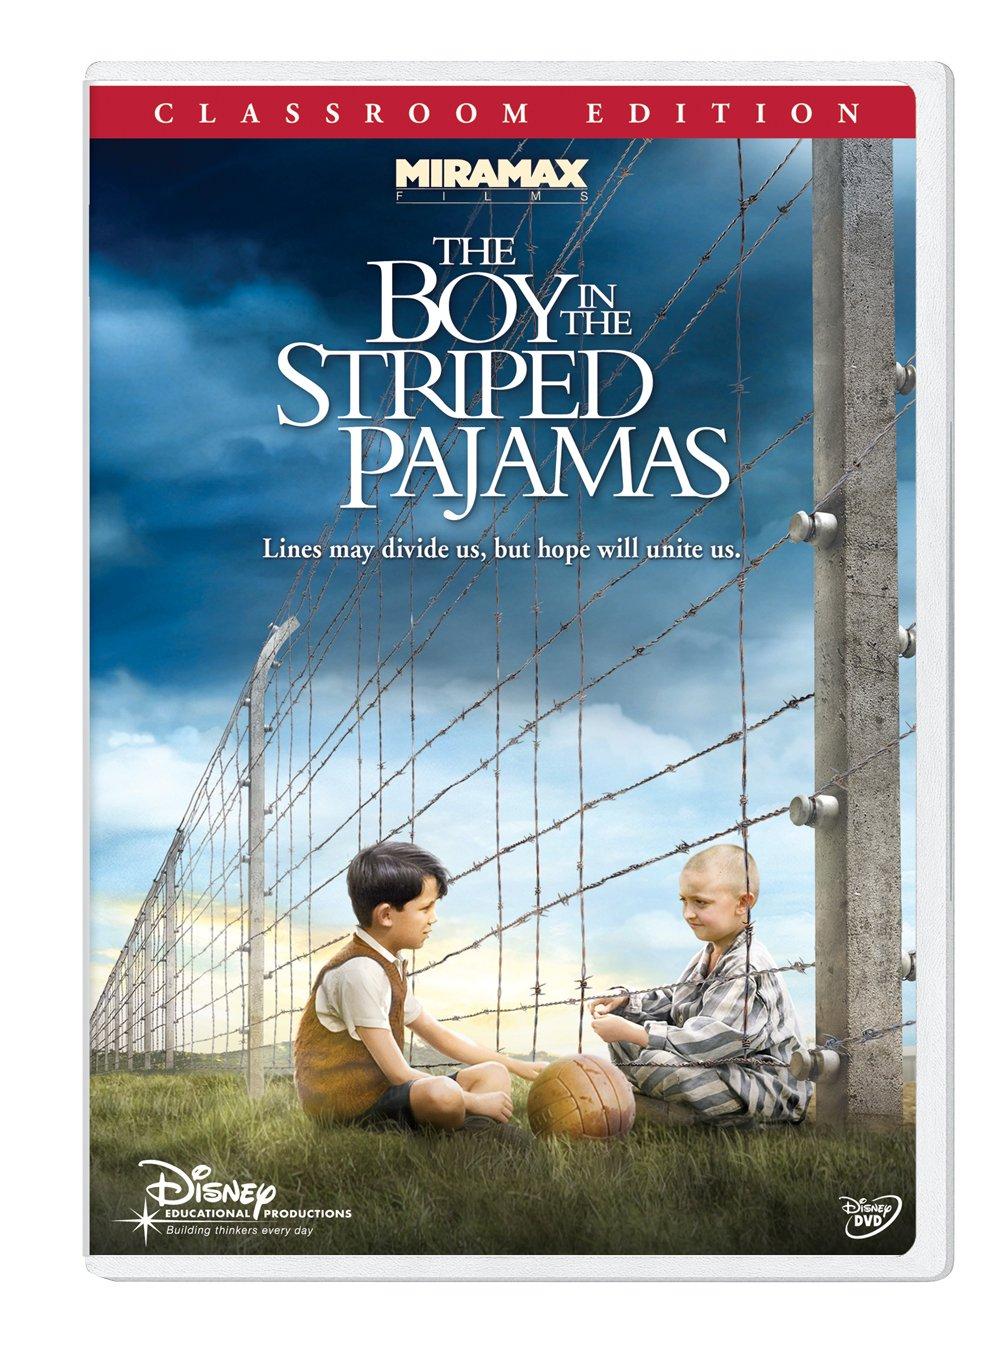 com the boy in the striped pajamas classroom edition  com the boy in the striped pajamas classroom edition interactive dvd sheila hancock david thewlis david hayman jim norton vera farmiga